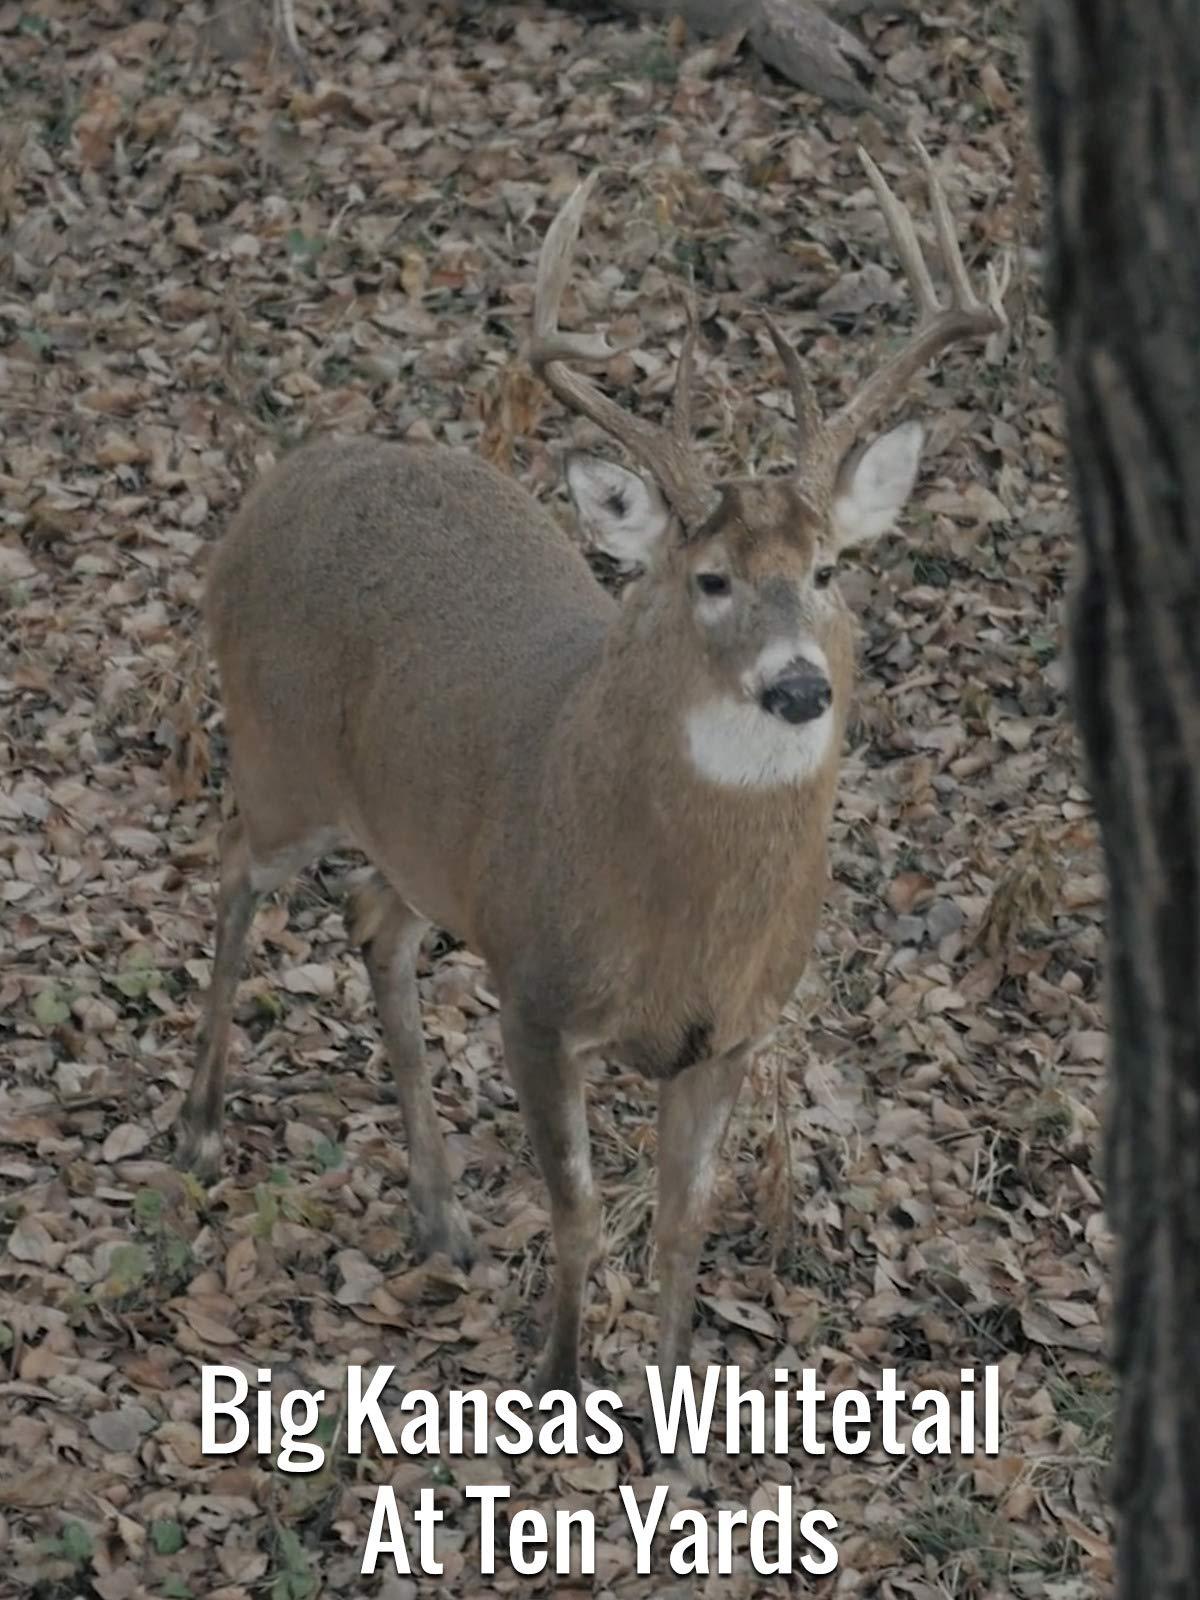 Big Kansas Whitetail At Ten Yards